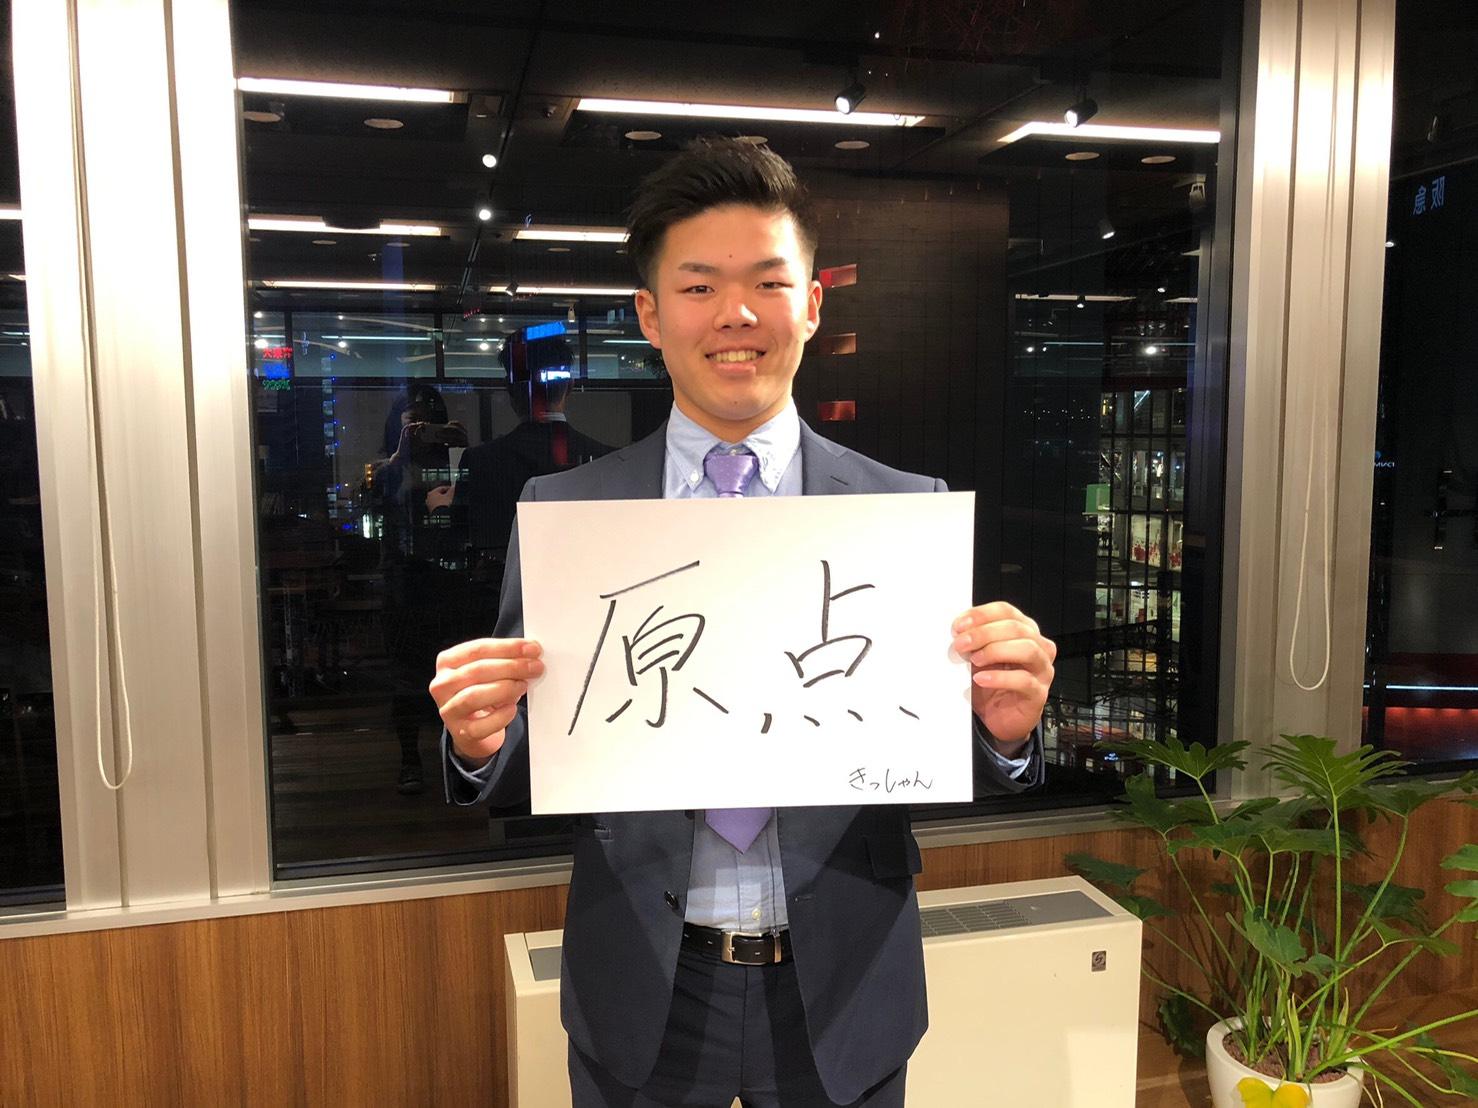 【志インタビューVol.9】岸晃平 -アツく生きるが人生のテーマ-